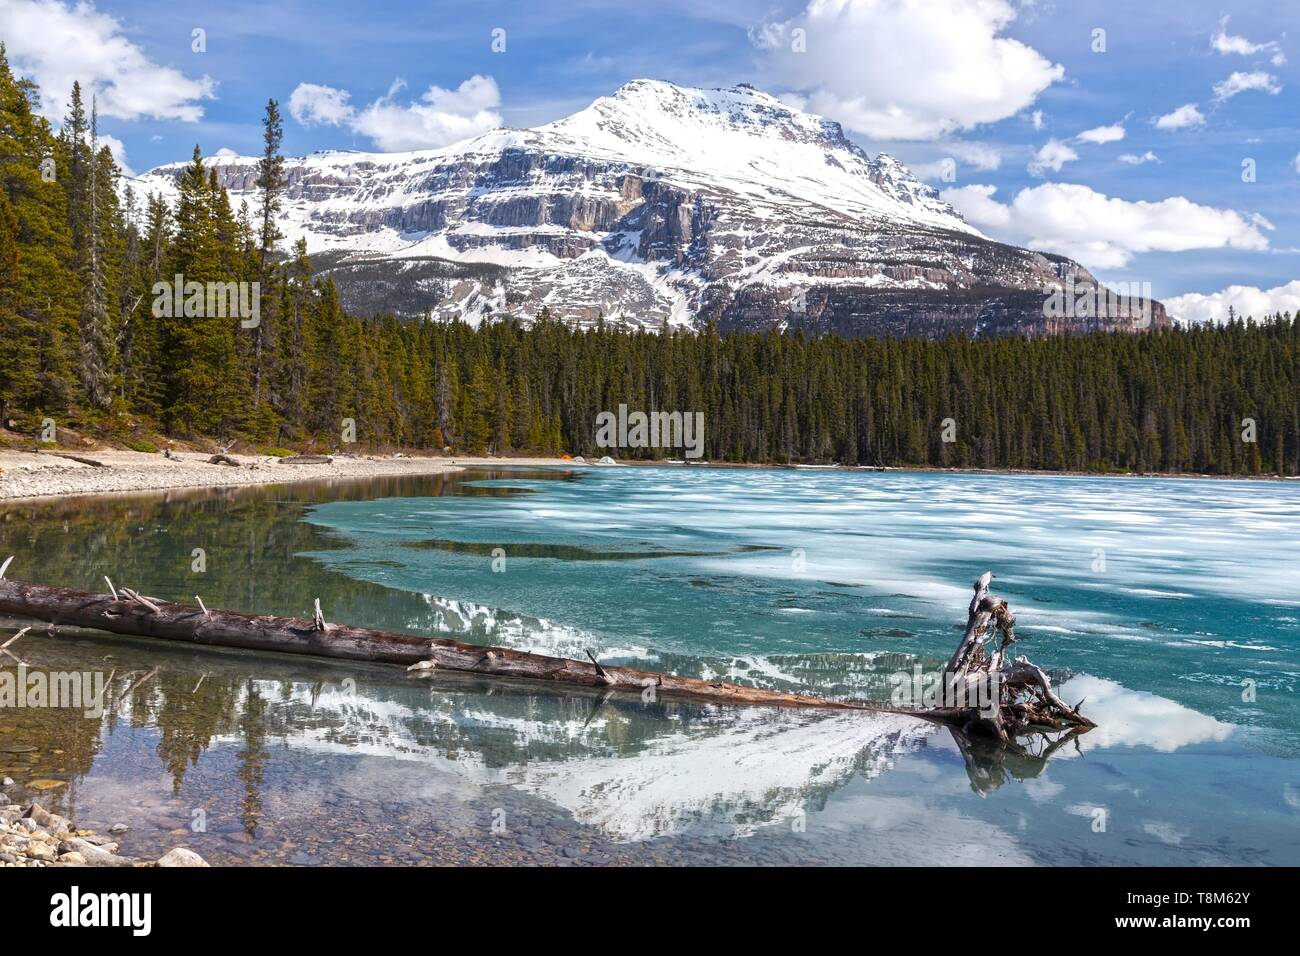 Beau paysage du lac bleu glacier dans le parc national de Banff avec Snowcapped Mountain Peak Sarbach reflète dans la surface de l'eau était au printemps Banque D'Images